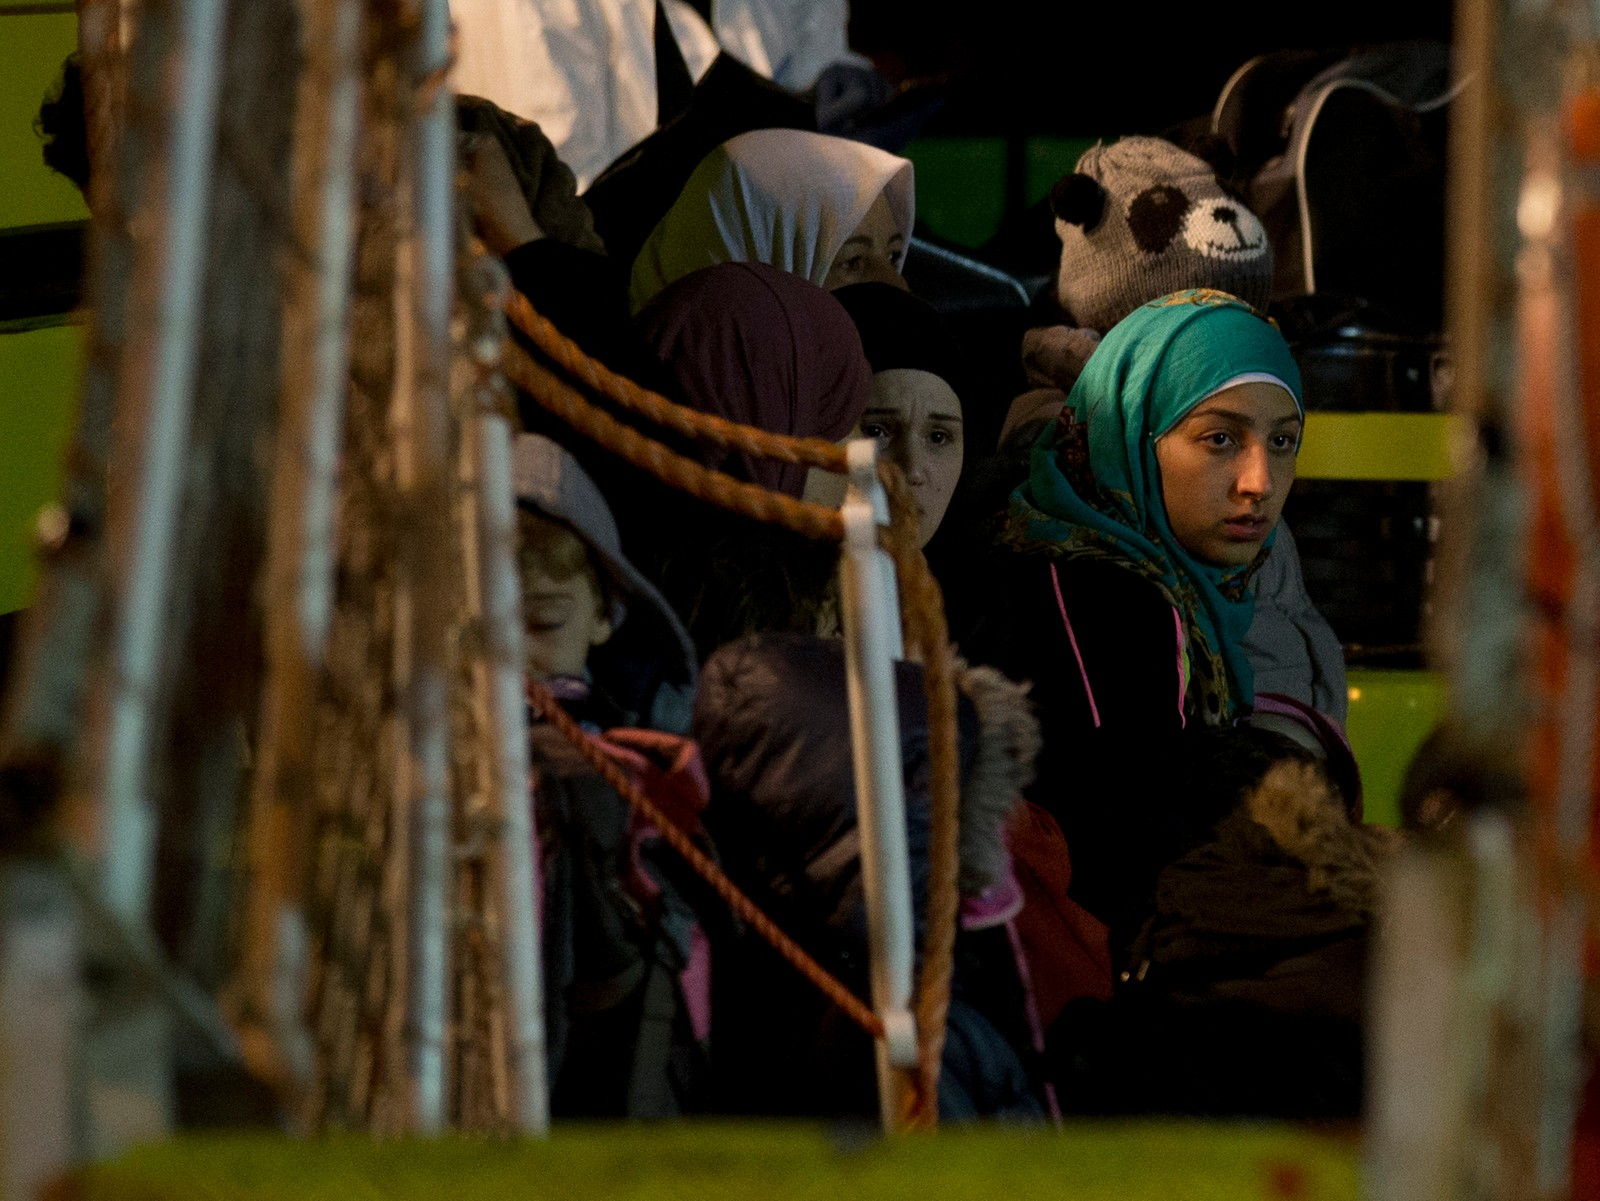 Bålflyktninger venter på å komme i land i Pozzallo i Italia 20. april 2015. De var blant 100, inkludert 28 barn, som ble reddet lørdag av et handelsskip.